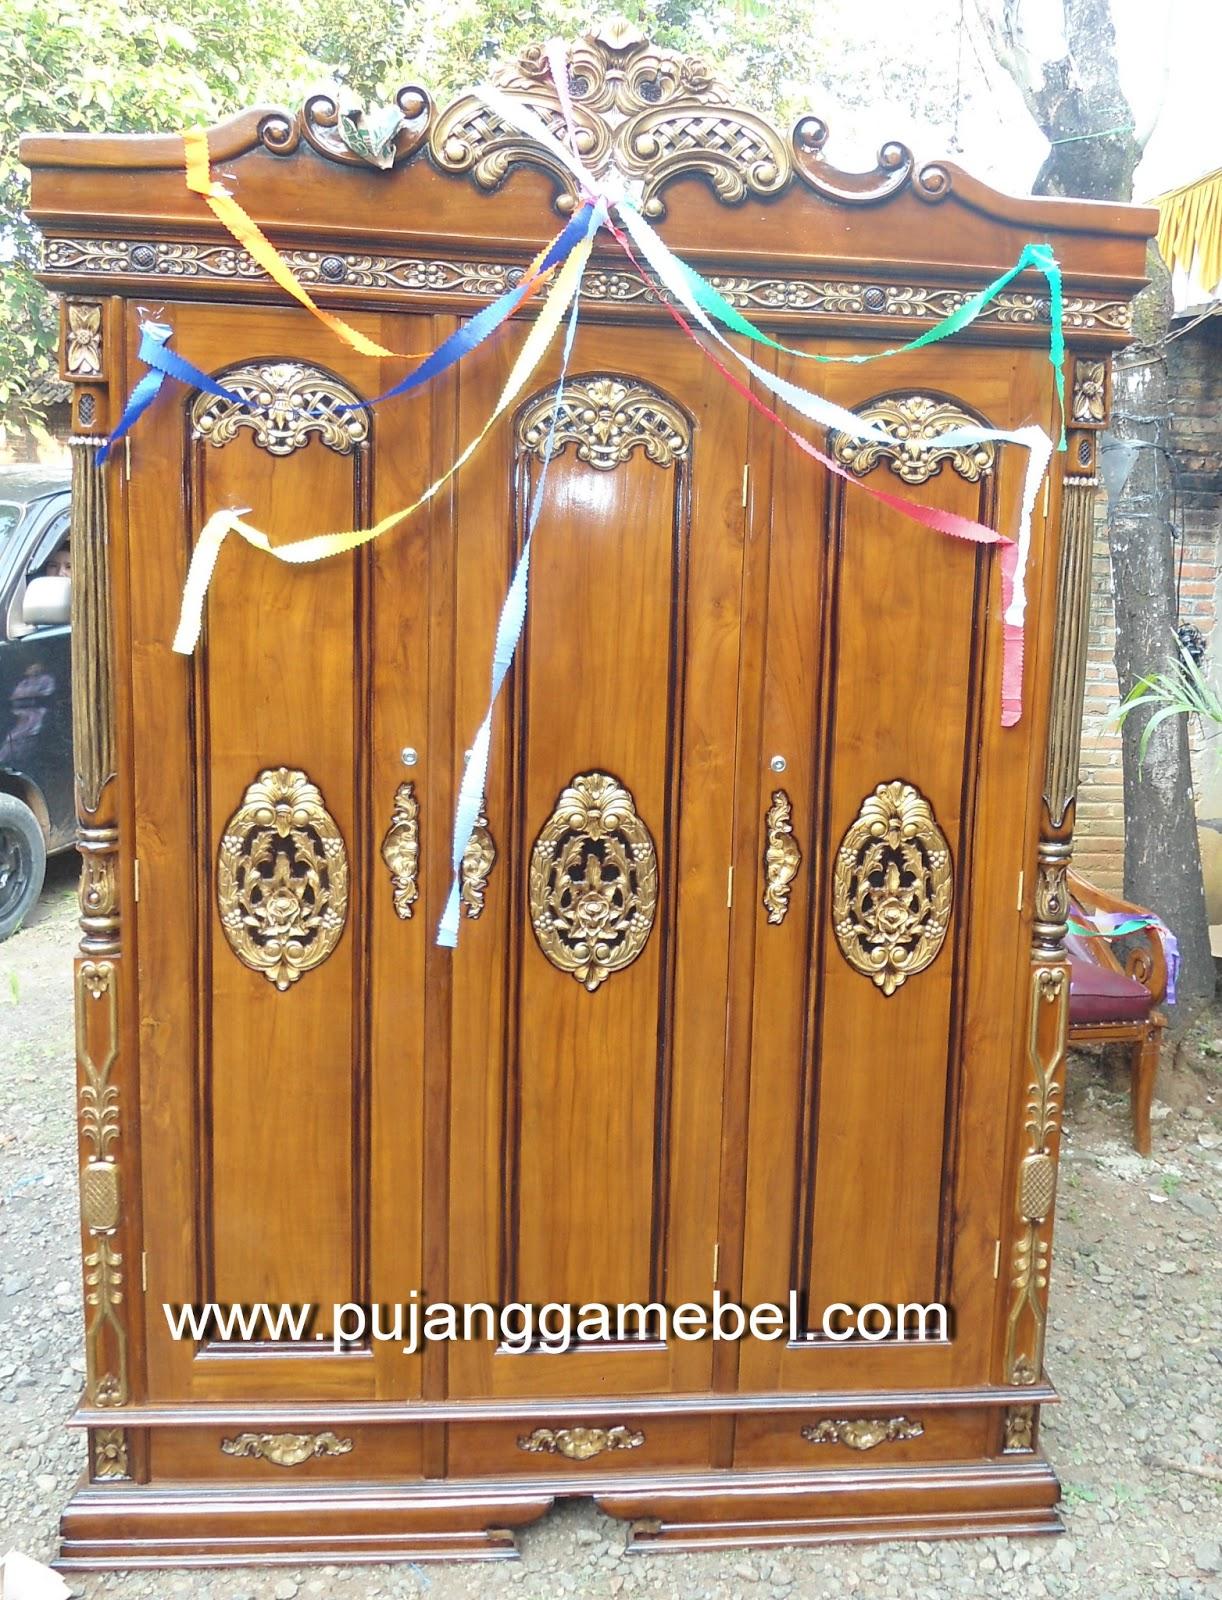 Almari pakaian 4 pintu Gebyok